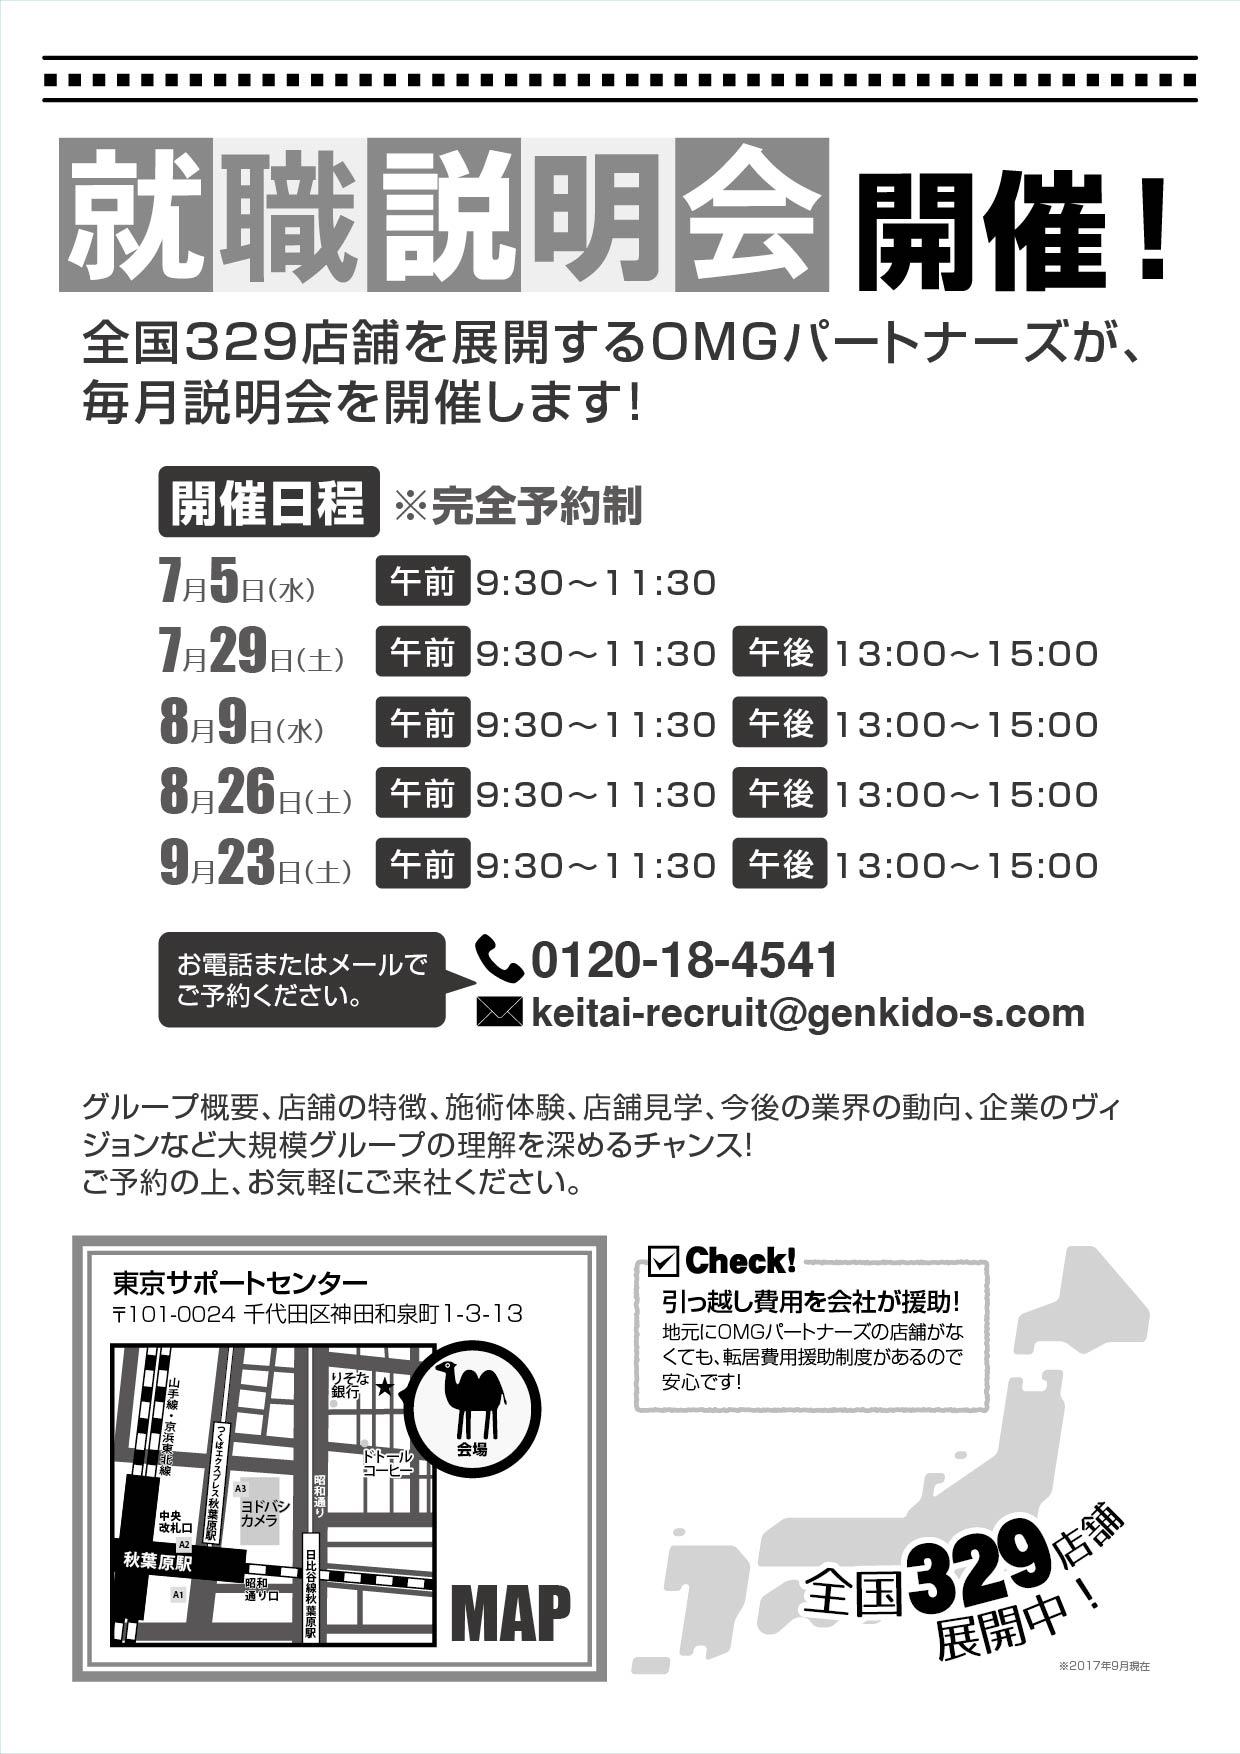 【東京7月・8月・9月】OMGパートナーズ就職説明会開催